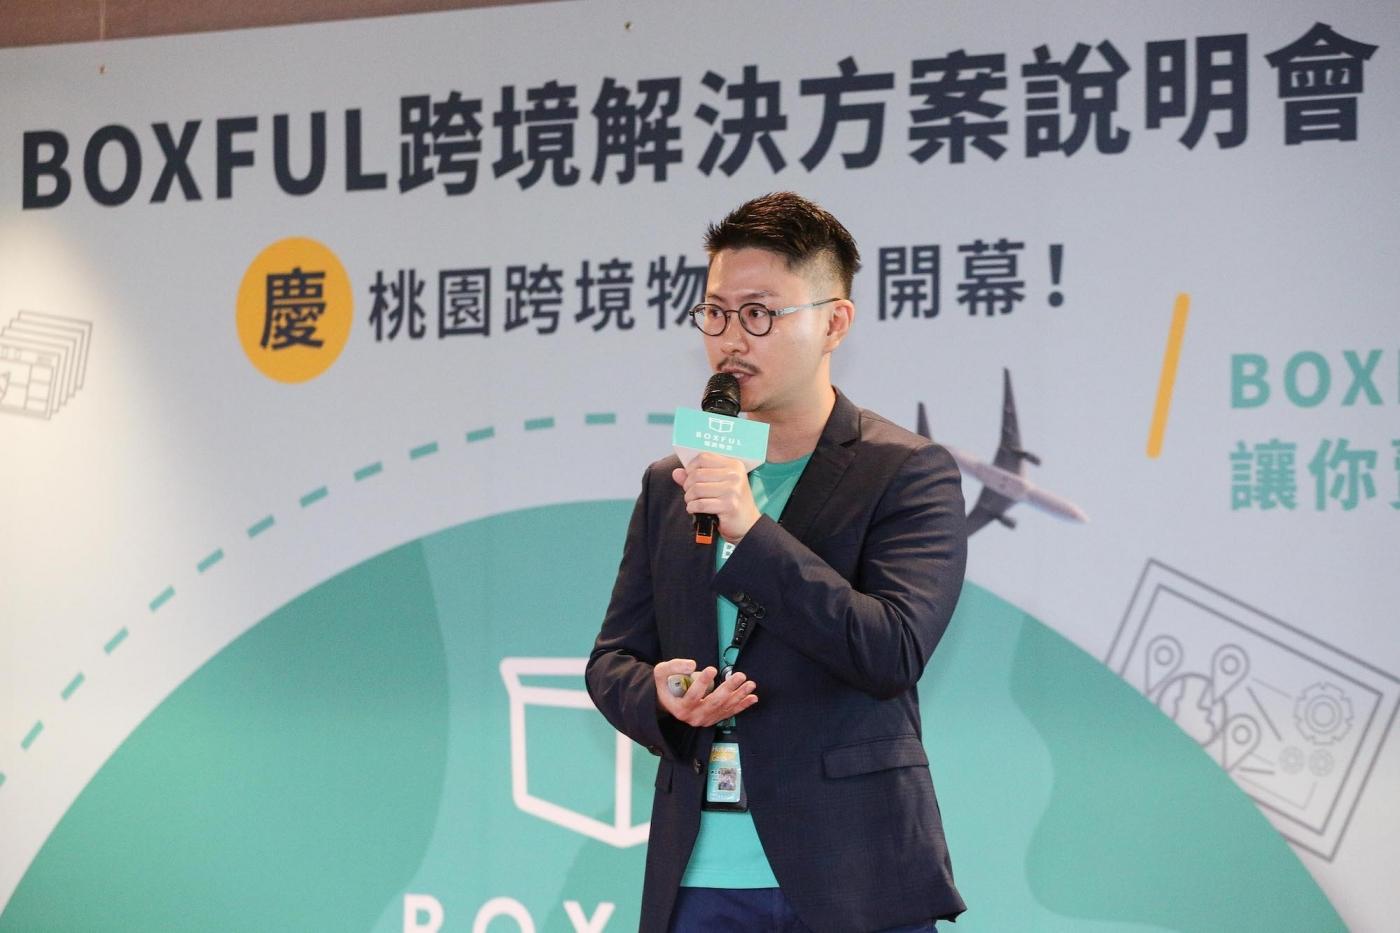 BOXFUL進軍跨境物流服務!5大優勢解決痛點,24小時就能送到港澳、新加坡?